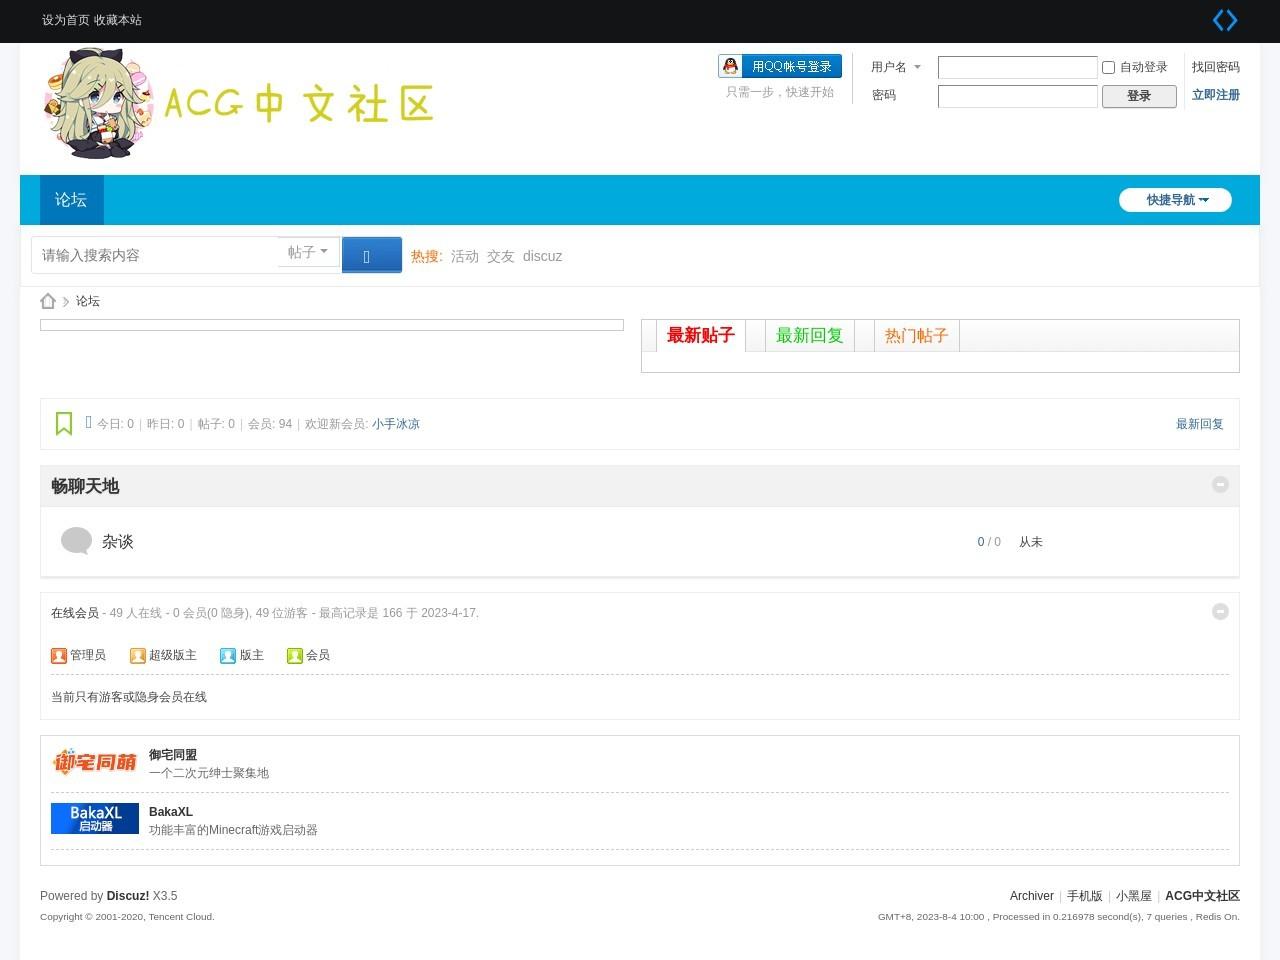 ACG中文社区